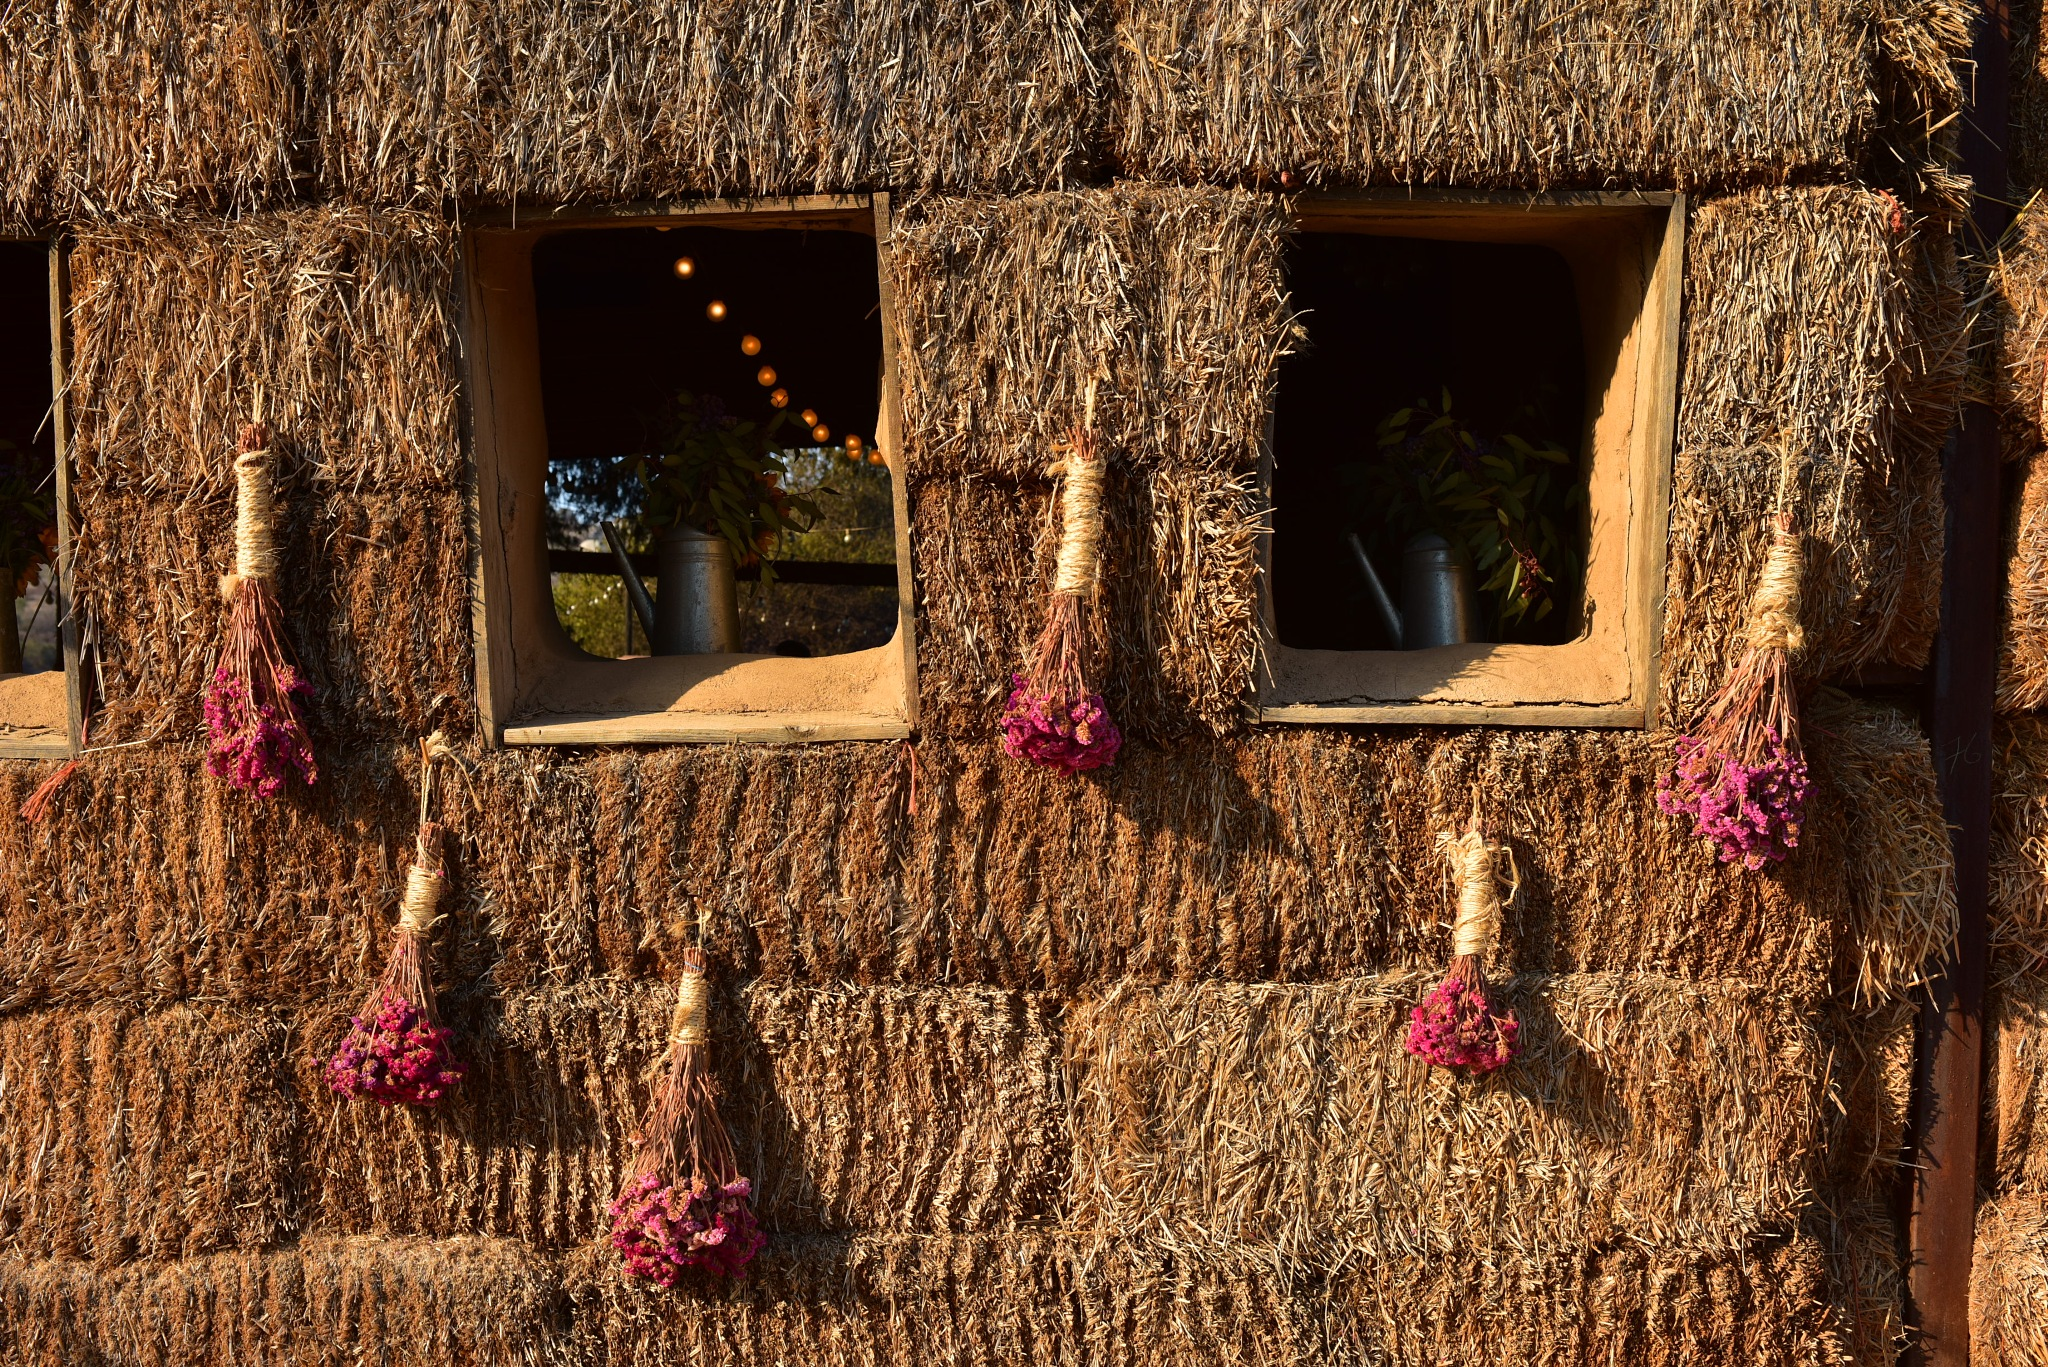 Window Flowers by fernandezoscar